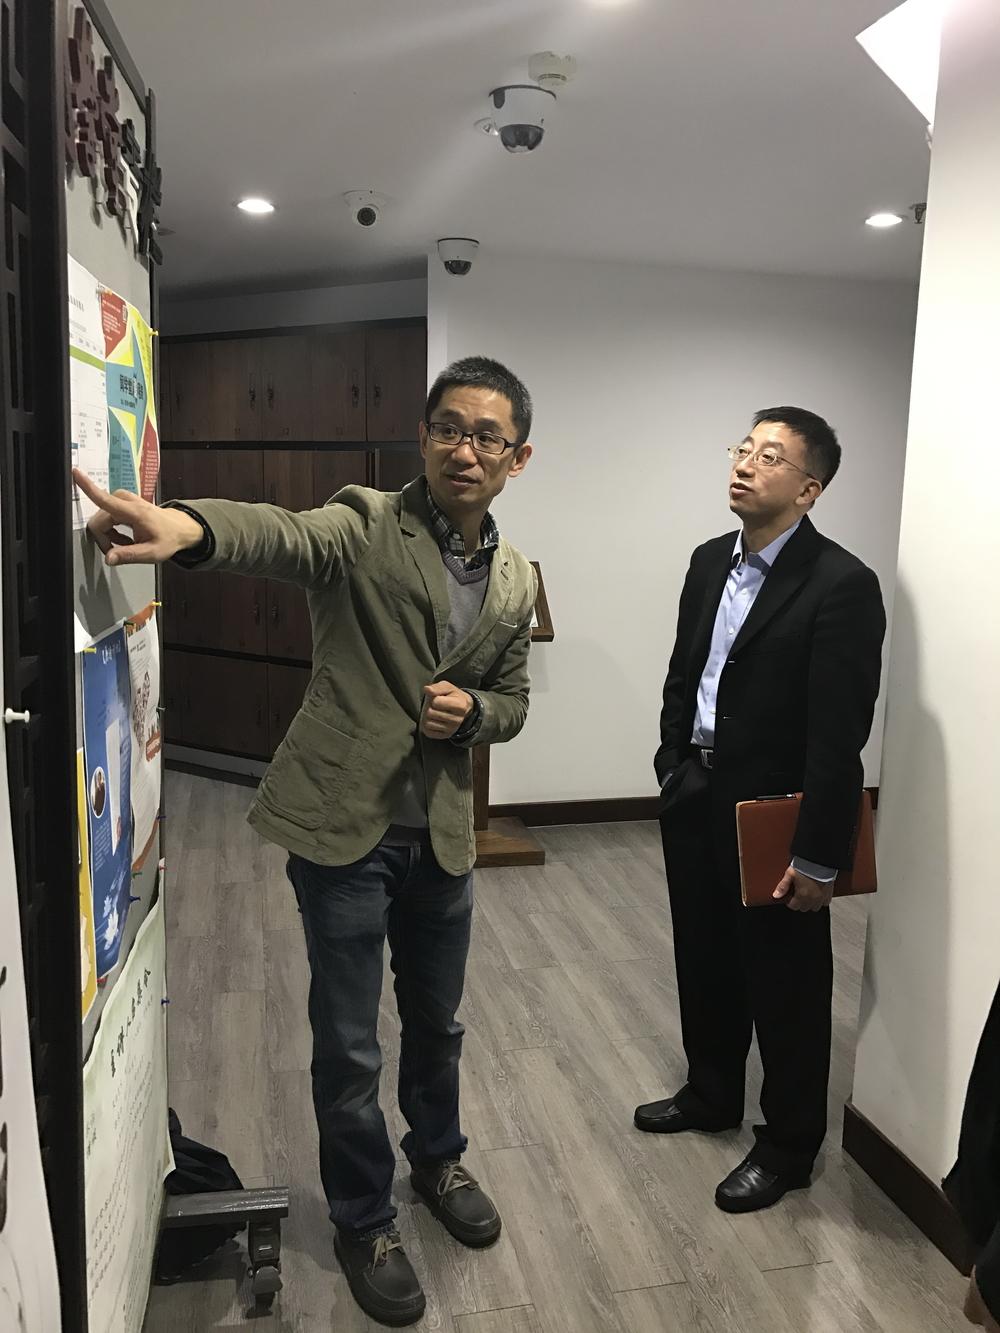 调研同济大学图书馆闻学堂